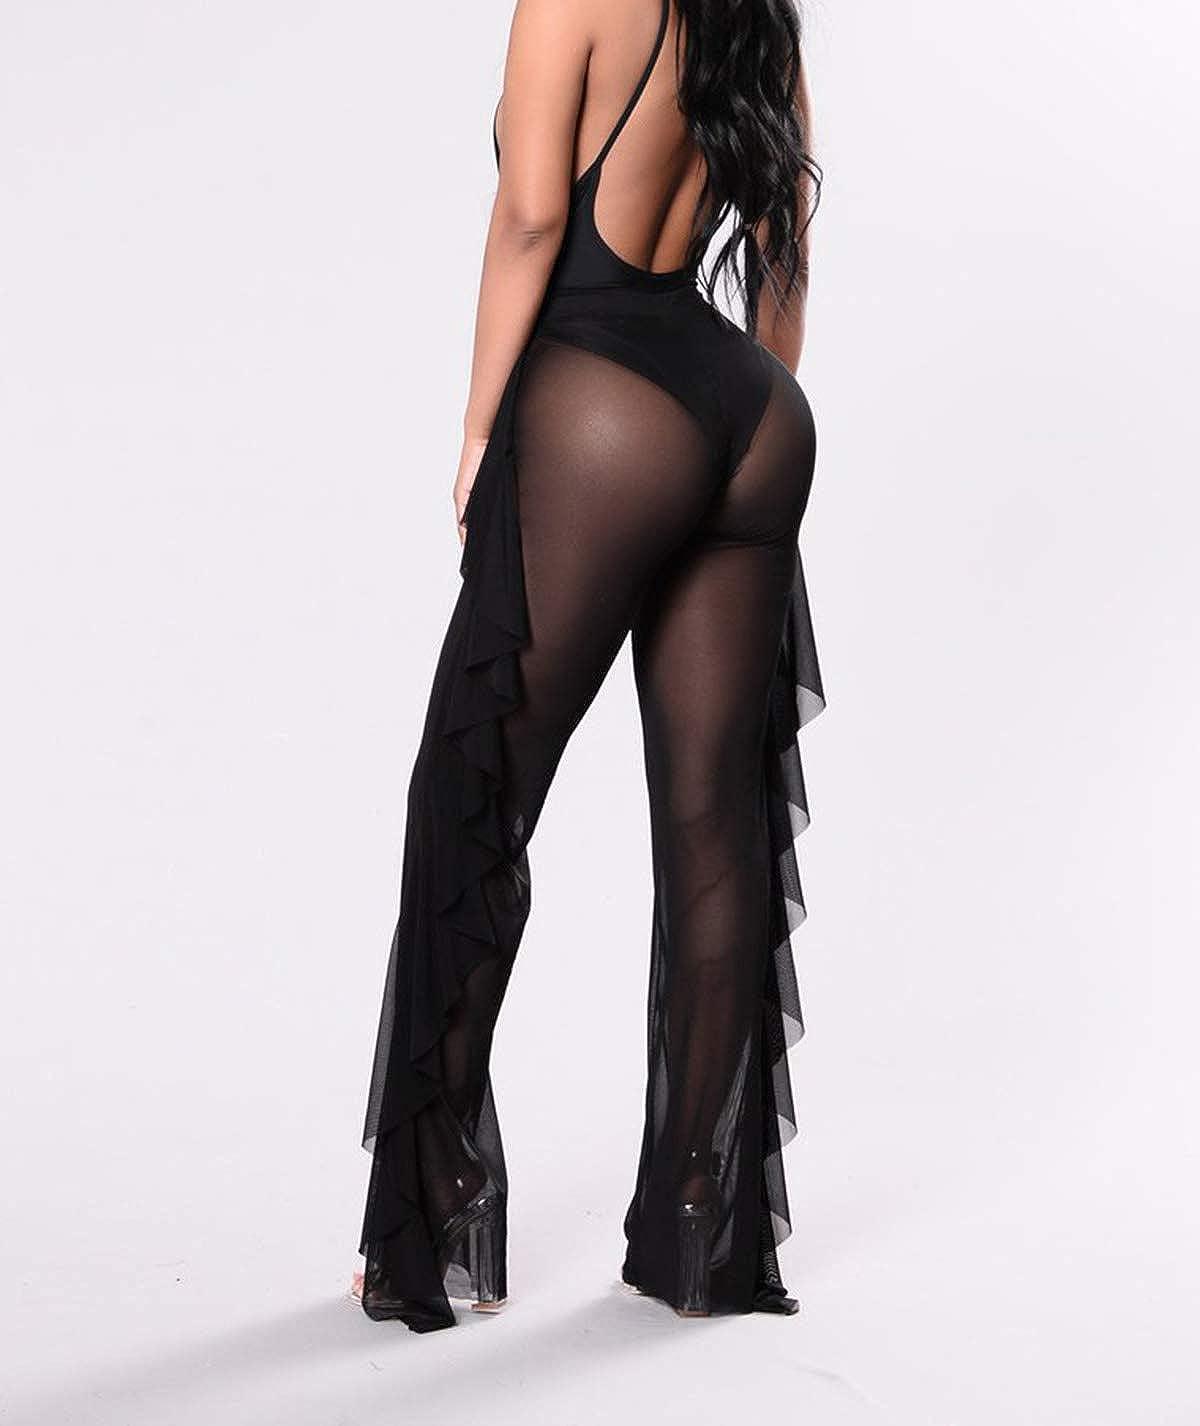 8db61058e35e61 Amazon.com: Yoawdats Women Sexy Perspective Mesh Sheer Swim Shorts Pants  Bikini Bottom Cover up Ruffle Clubwear Pants: Clothing